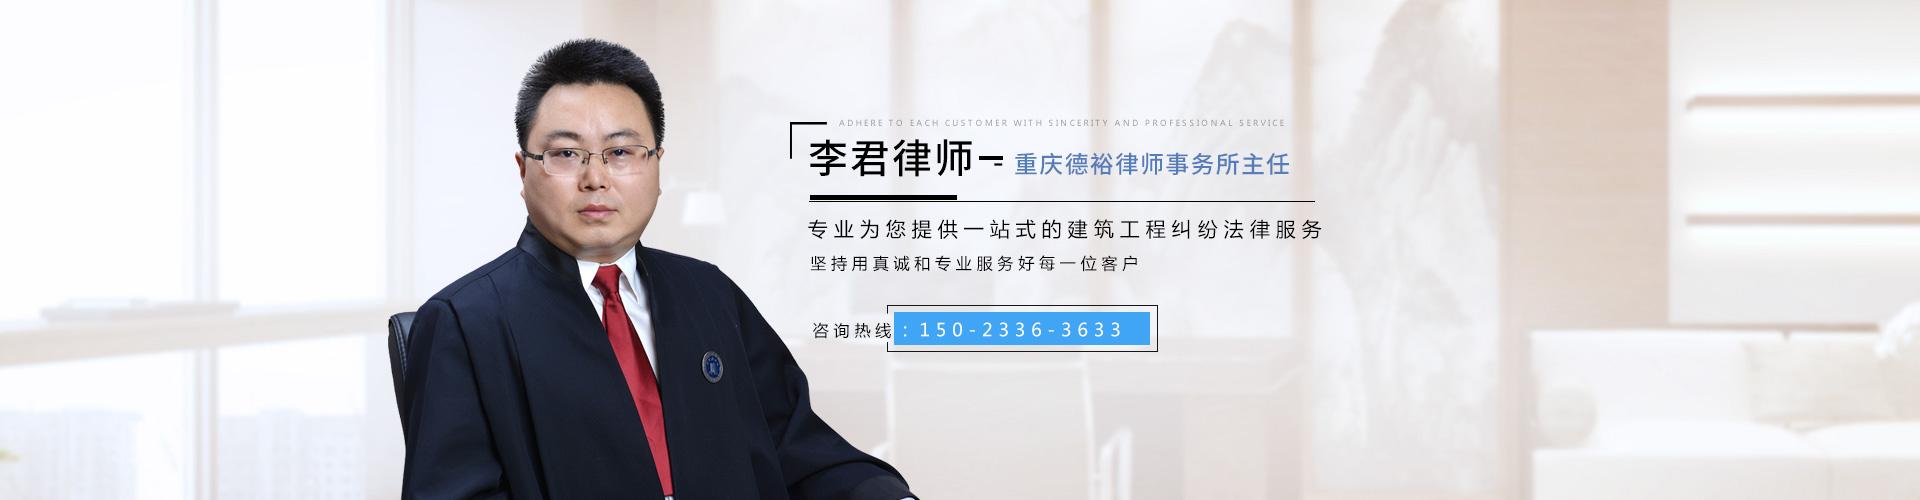 重庆李君律师